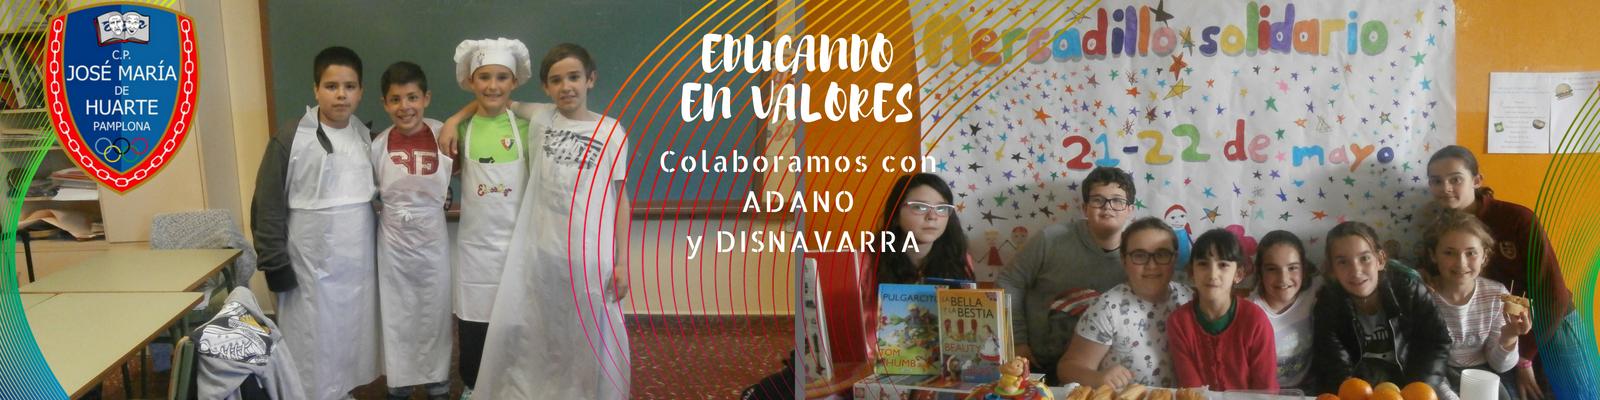 La educación en valores en nuestro colegio: colaboraciones con ADANO y DISNAVARRA